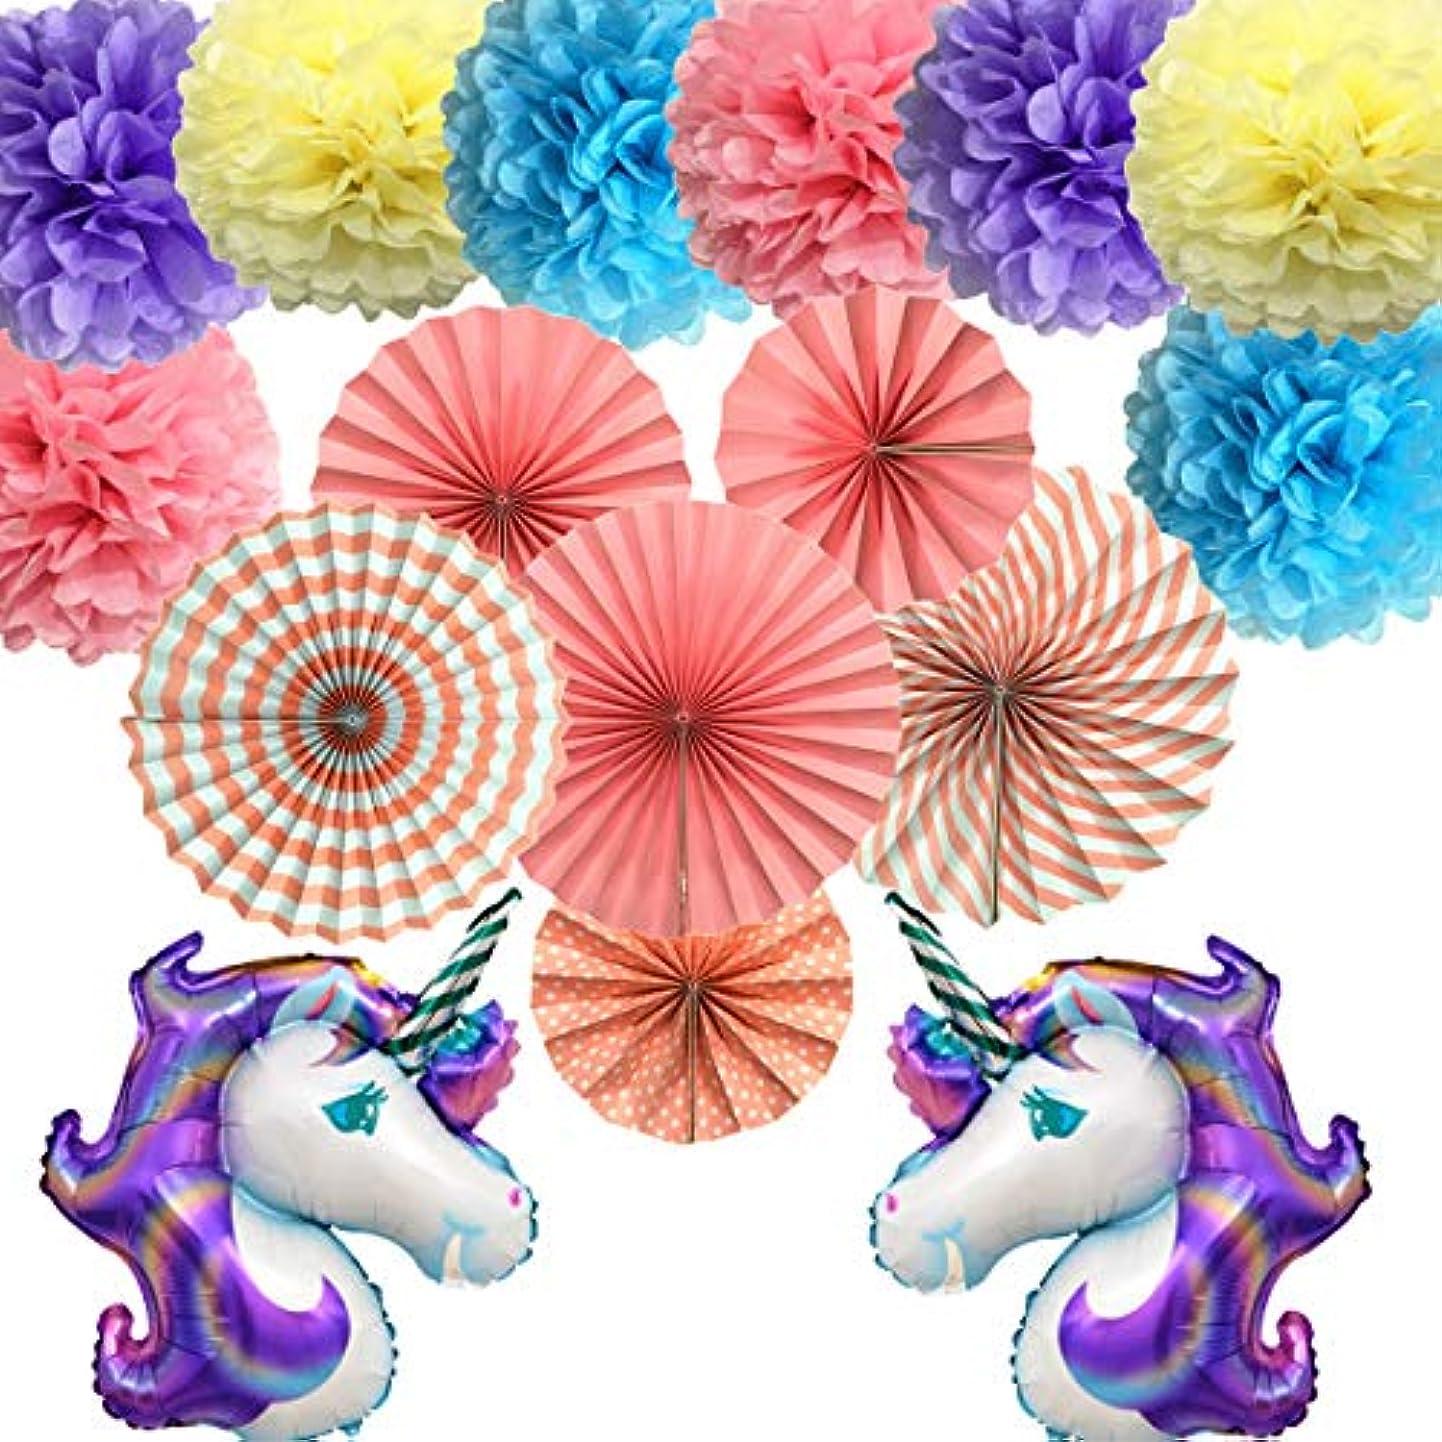 Unicorn Birthday Party Decoration Set Birthday Baby Shower Bridal Shower Bachelorette Party Wedding Décor - Tissue Paper Pom Pom, 27